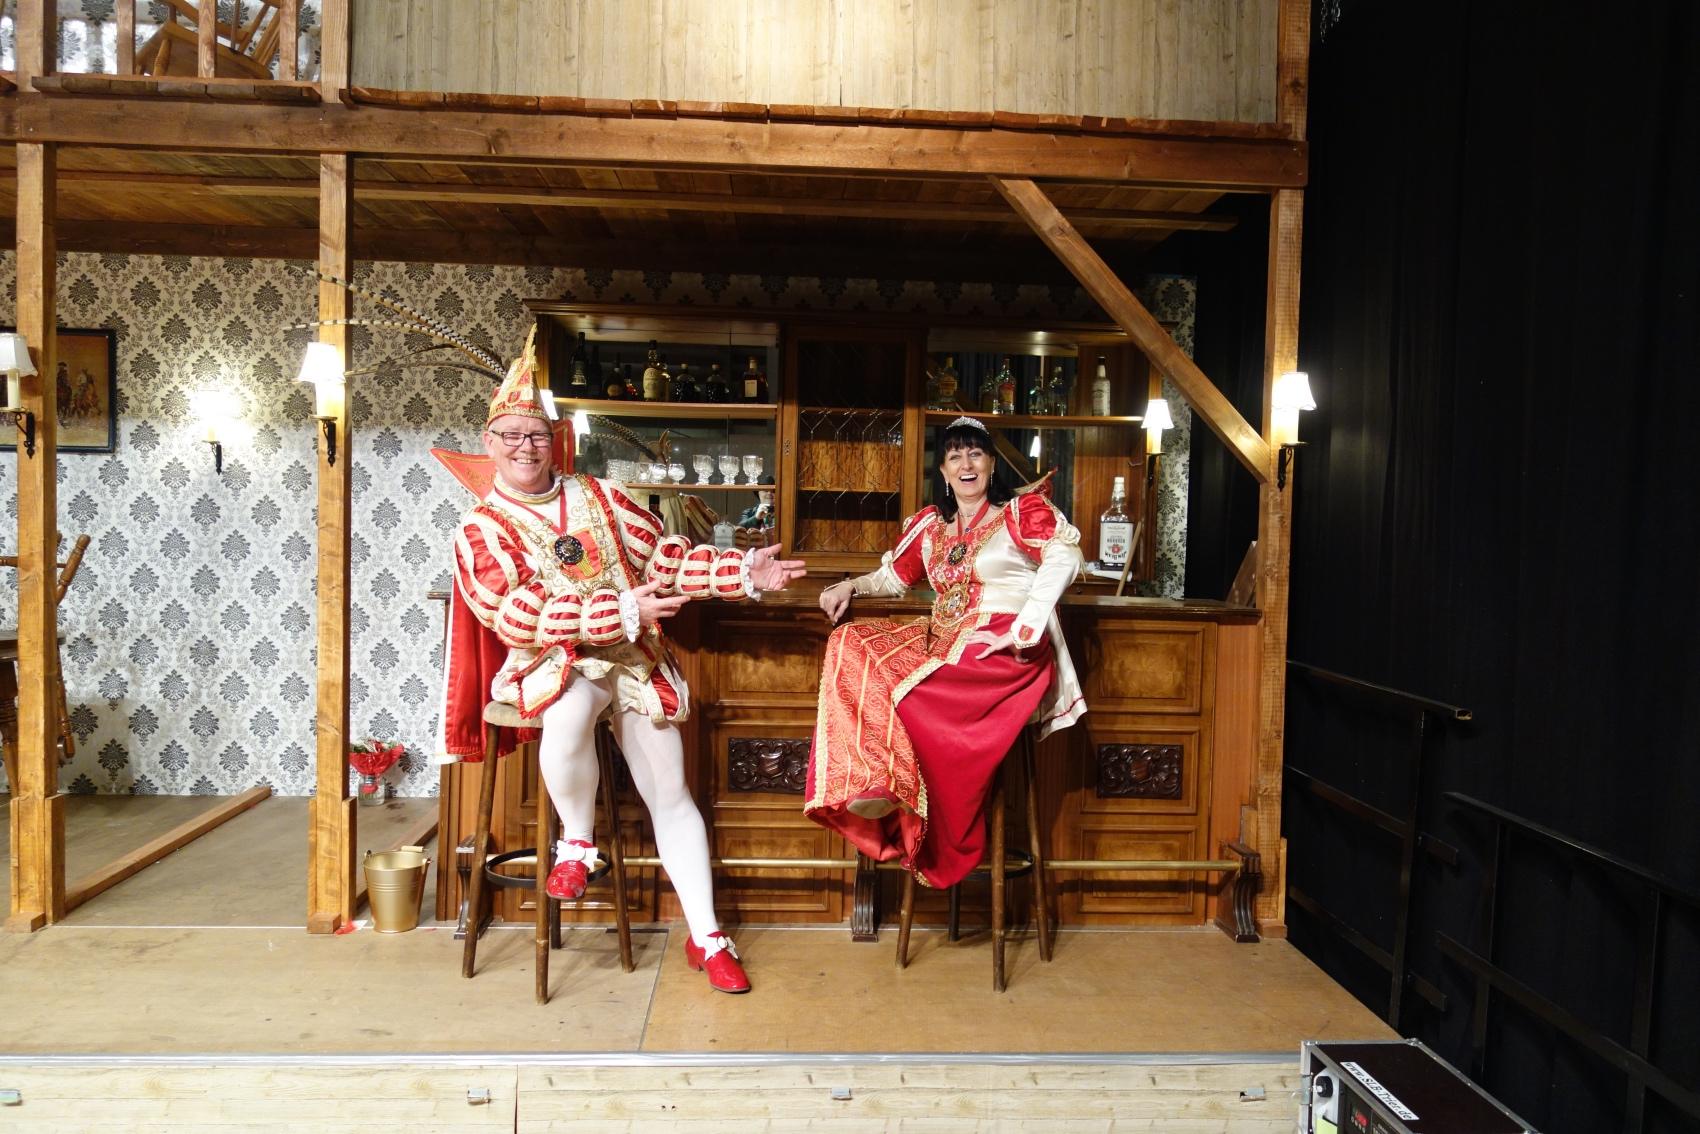 2019-02-24 052RH TR-Irsch Ordensfest Prinzenpaar auf Galerie.jpg